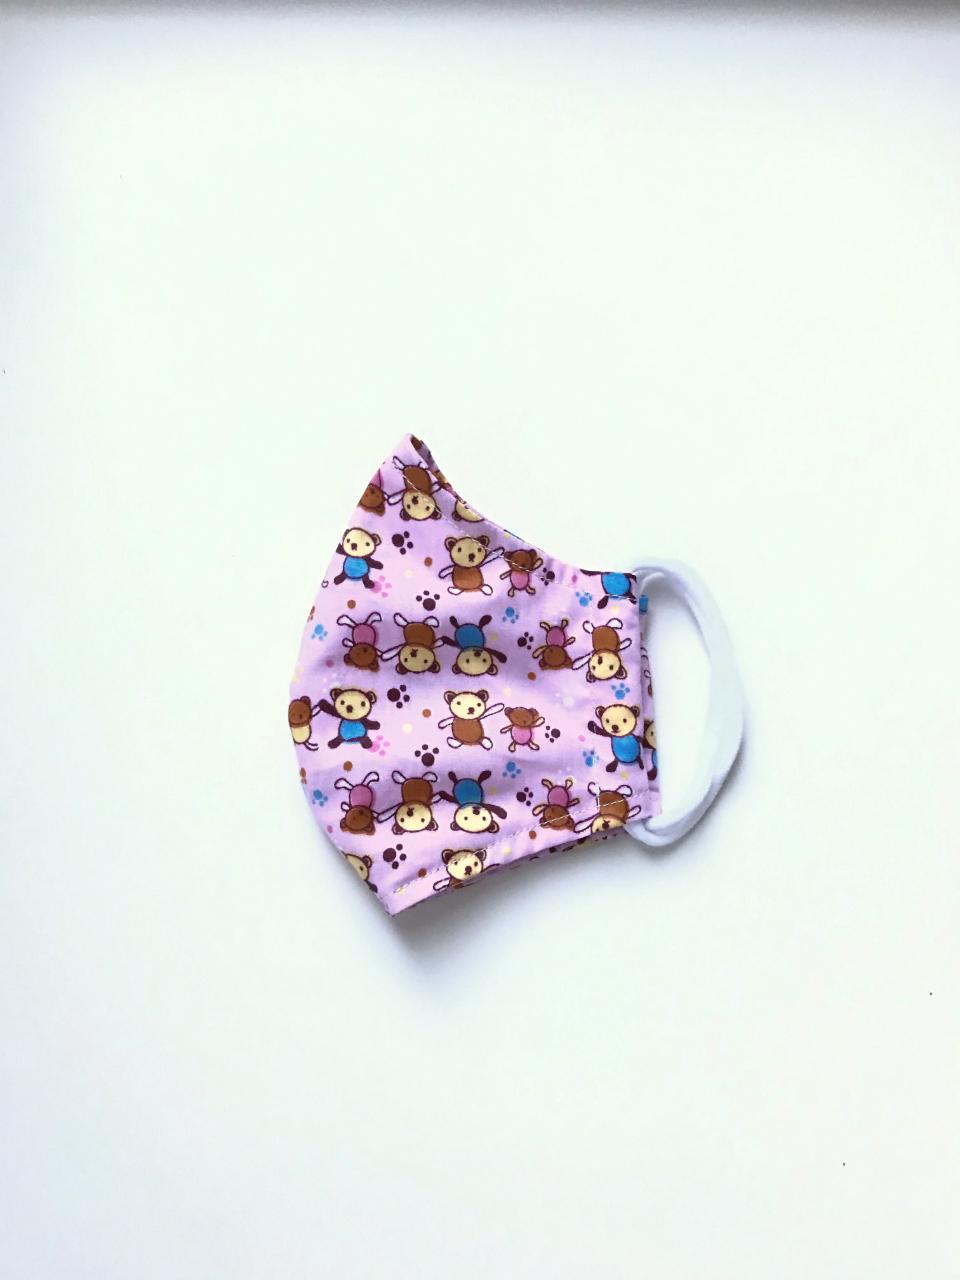 Kind-03 | Selbstgenähte Maske für Kinder | 3,00 €/Stück